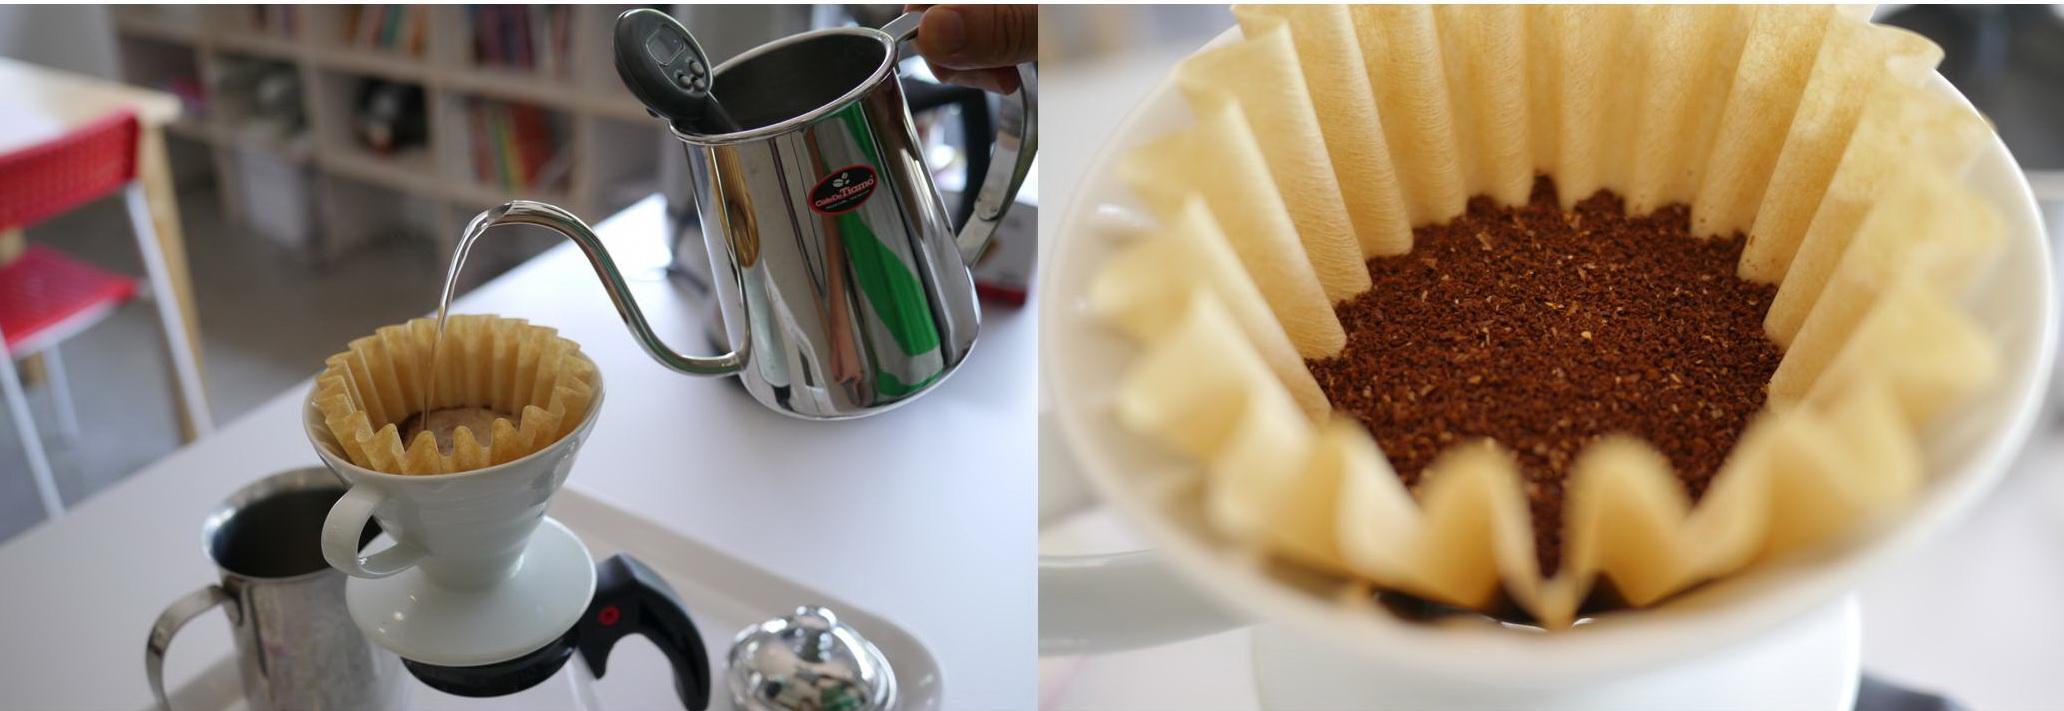 莊園級冰咖啡圖2